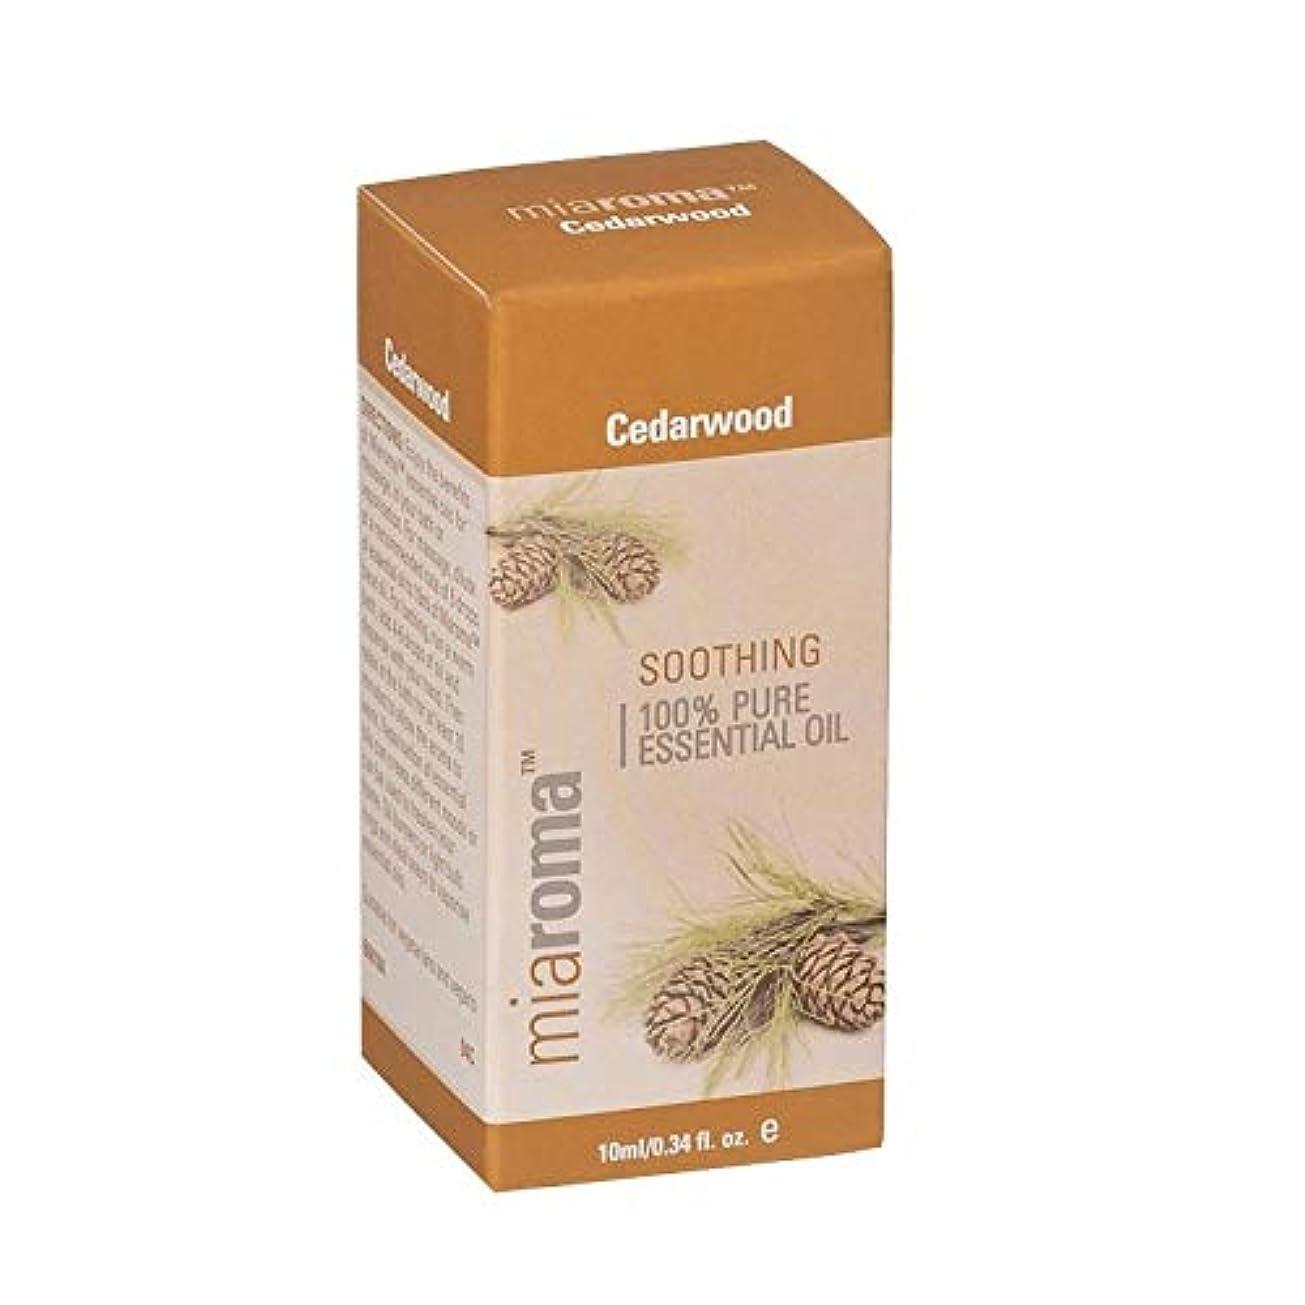 欠かせないネックレス優先[Miaroma] Miaromaシダーウッドピュアエッセンシャルオイル - Miaroma Cedarwood Pure Essential Oil [並行輸入品]